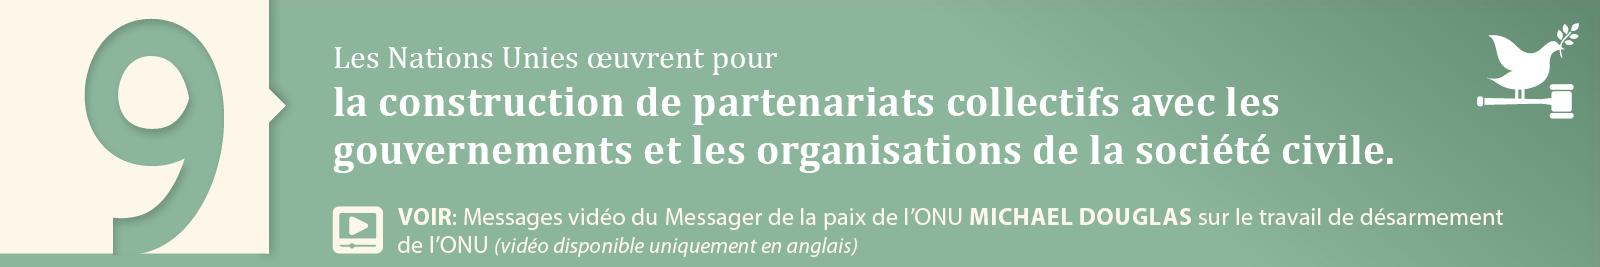 9. La construction de partenariats collectifs avec les gouvernements et les organisations de la société civile.